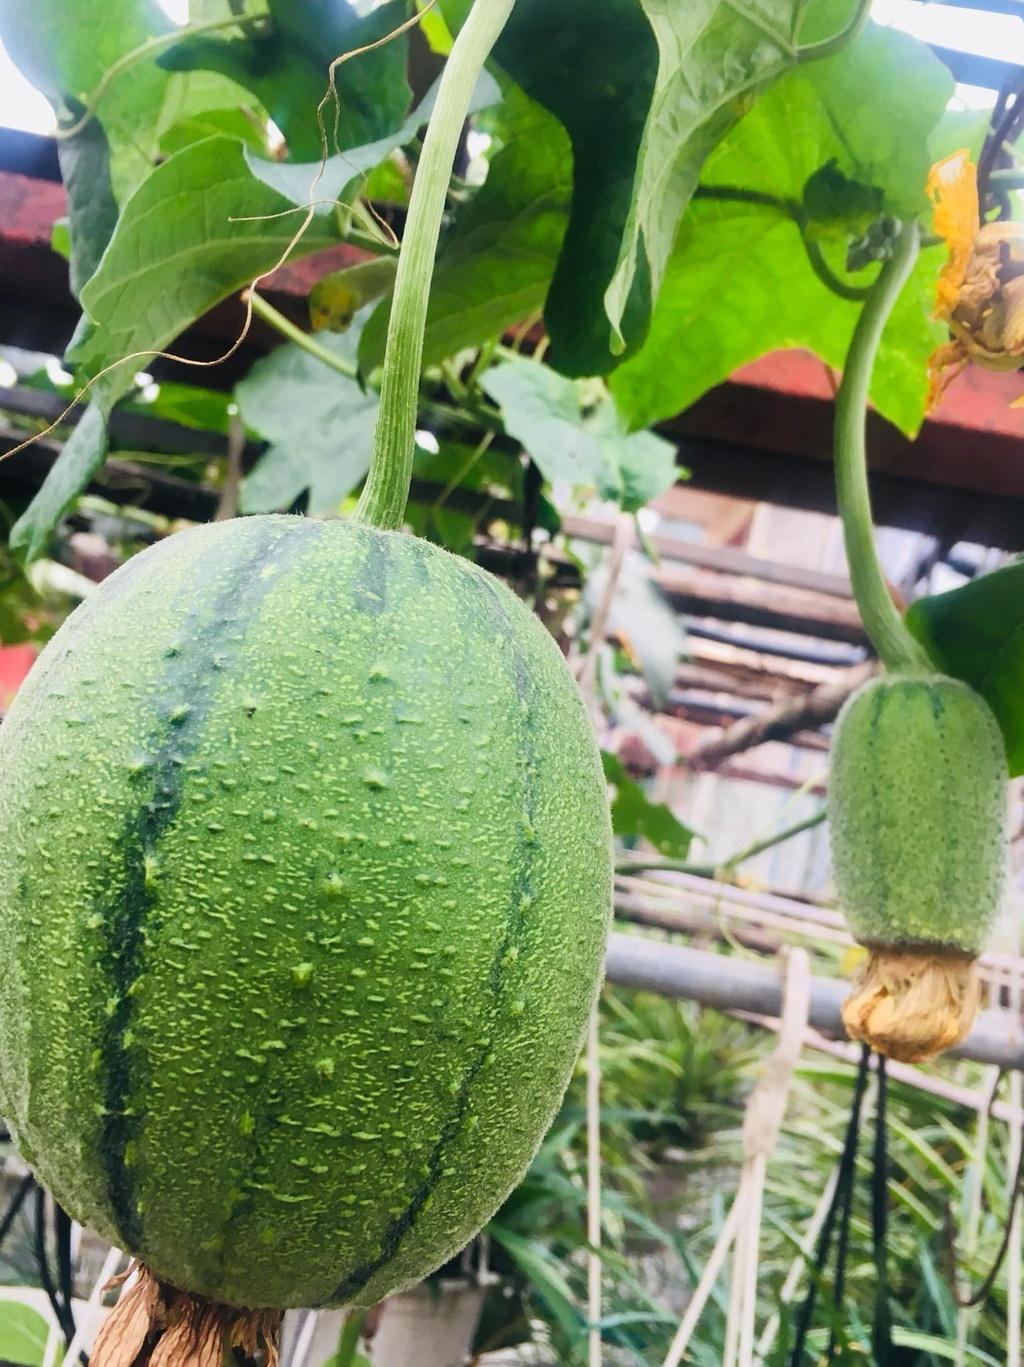 Mướp táo là gì mà đang khiến người yêu trồng cây phát sốt?